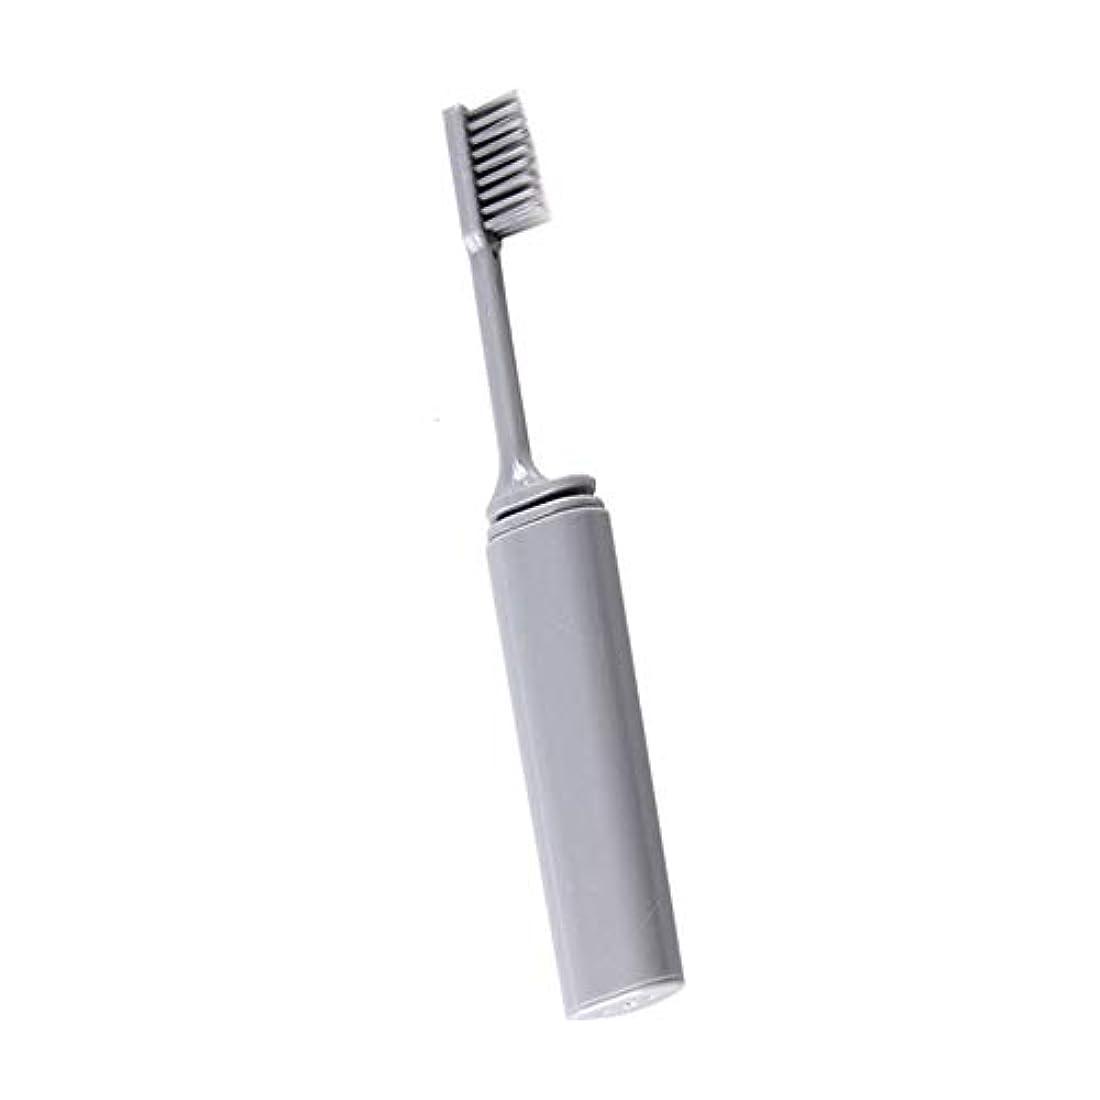 関連付けるカバー悪のOnior 旅行歯ブラシ 折りたたみ歯ブラシ 携帯歯ブラシ 外出 旅行用品, ソフト コンパクト歯ブラシ 便利 折りたたみ 耐久性 携帯用 灰色